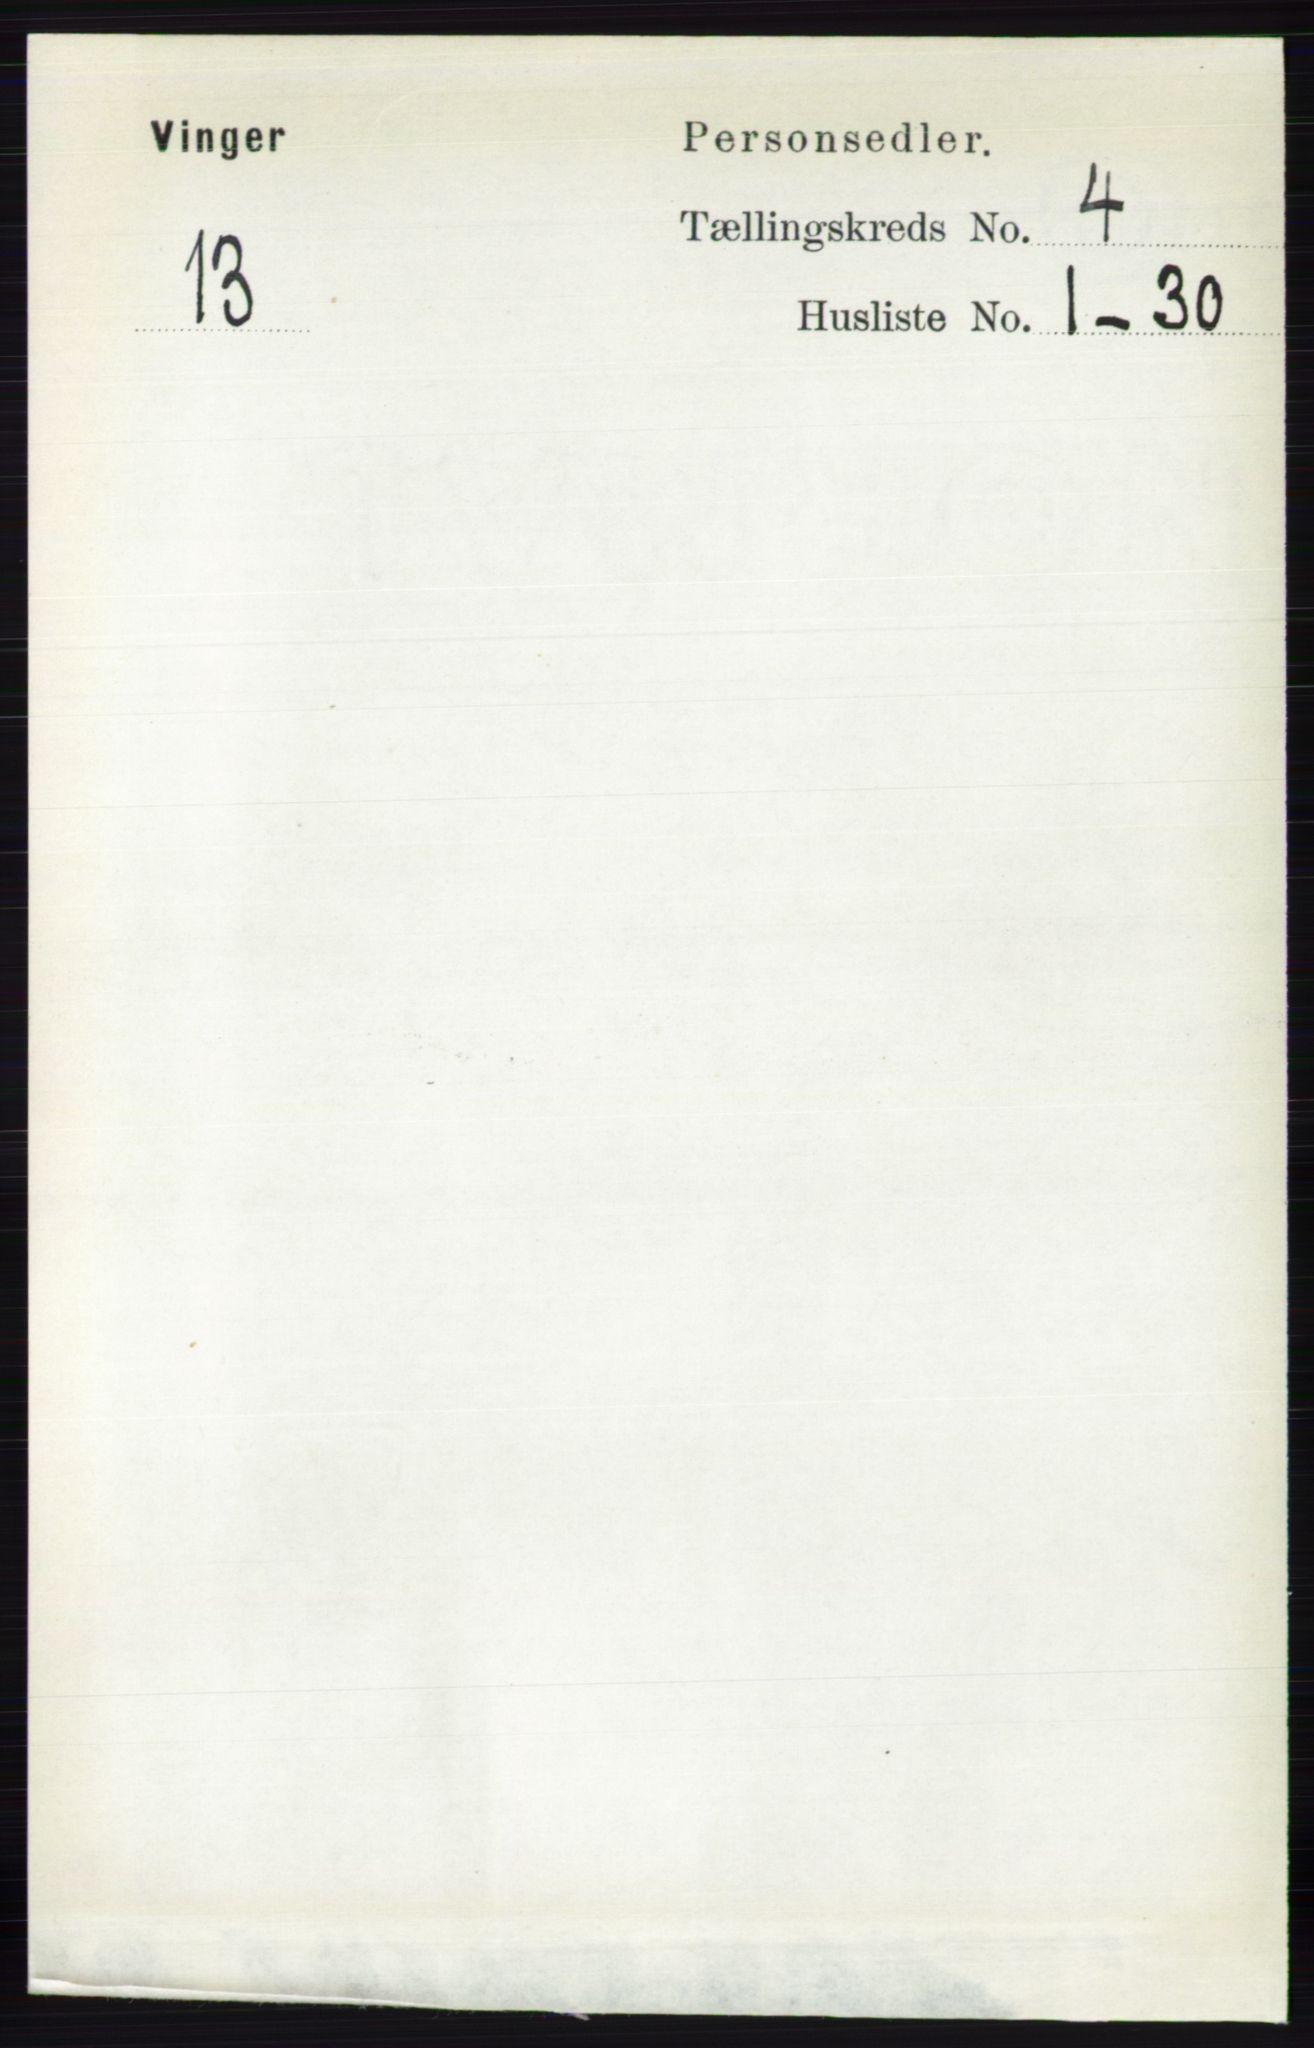 RA, Folketelling 1891 for 0421 Vinger herred, 1891, s. 1637